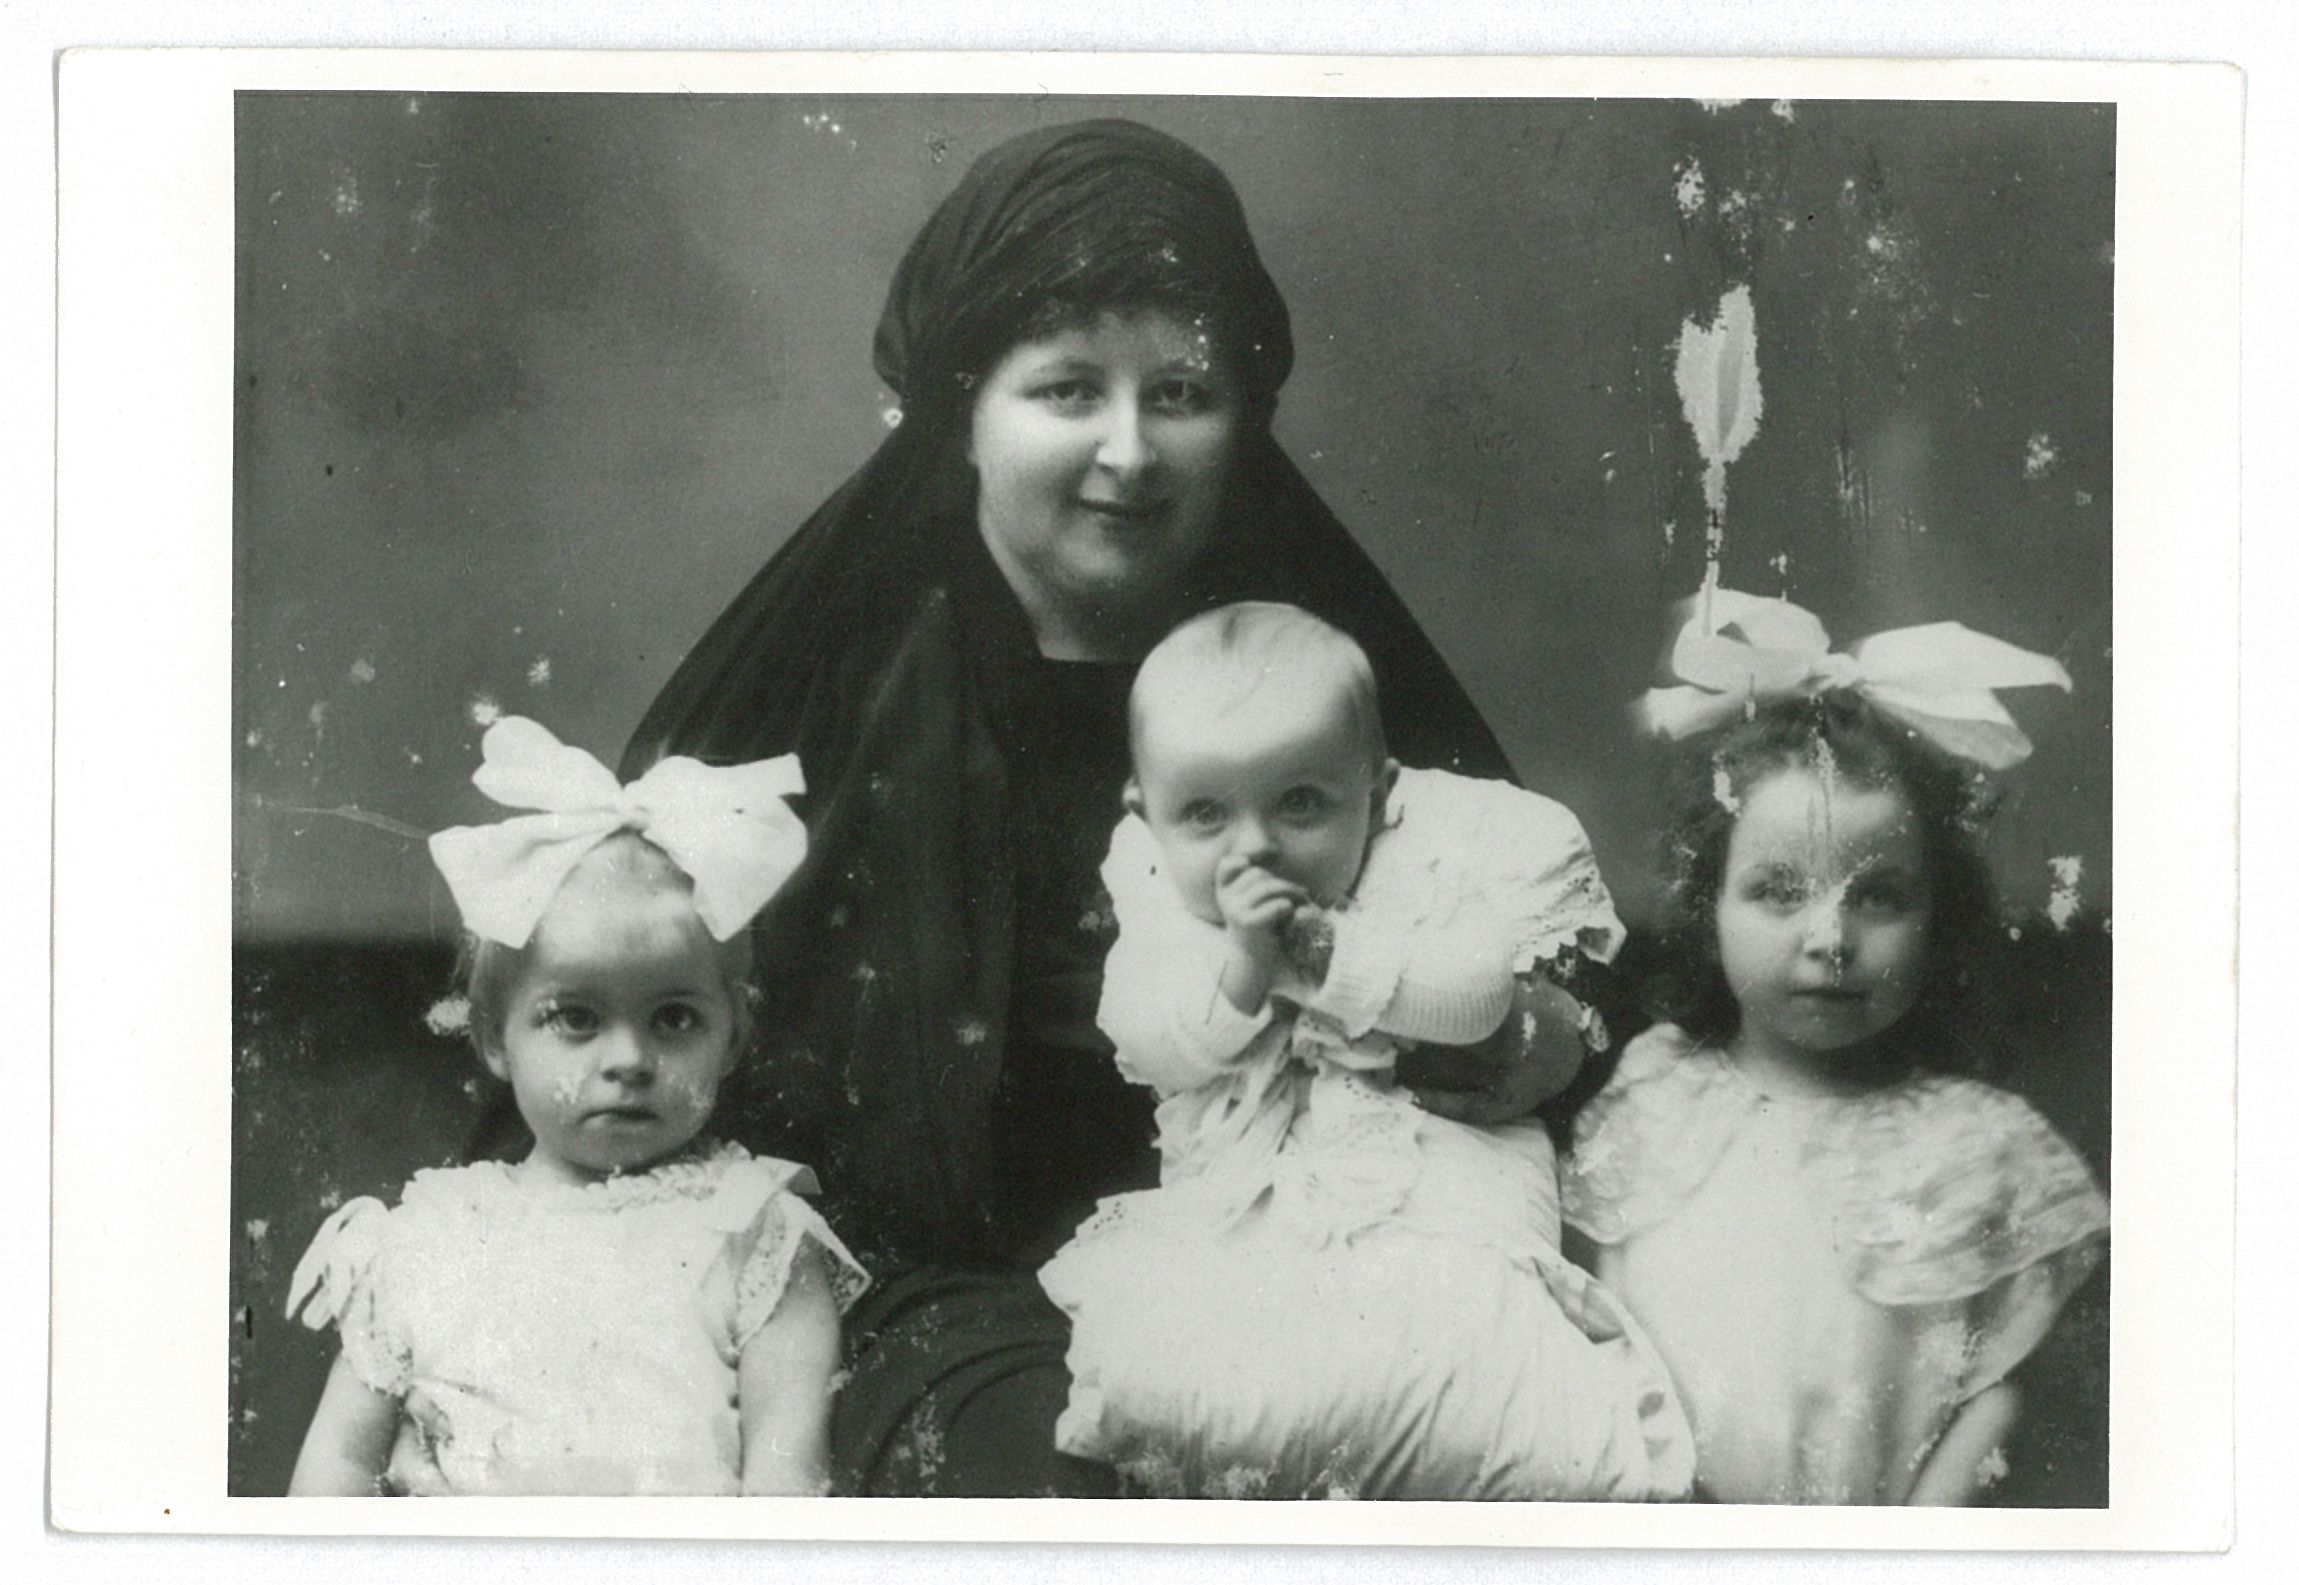 Beata Branicka z córkami (fot. archiwum prywatne)